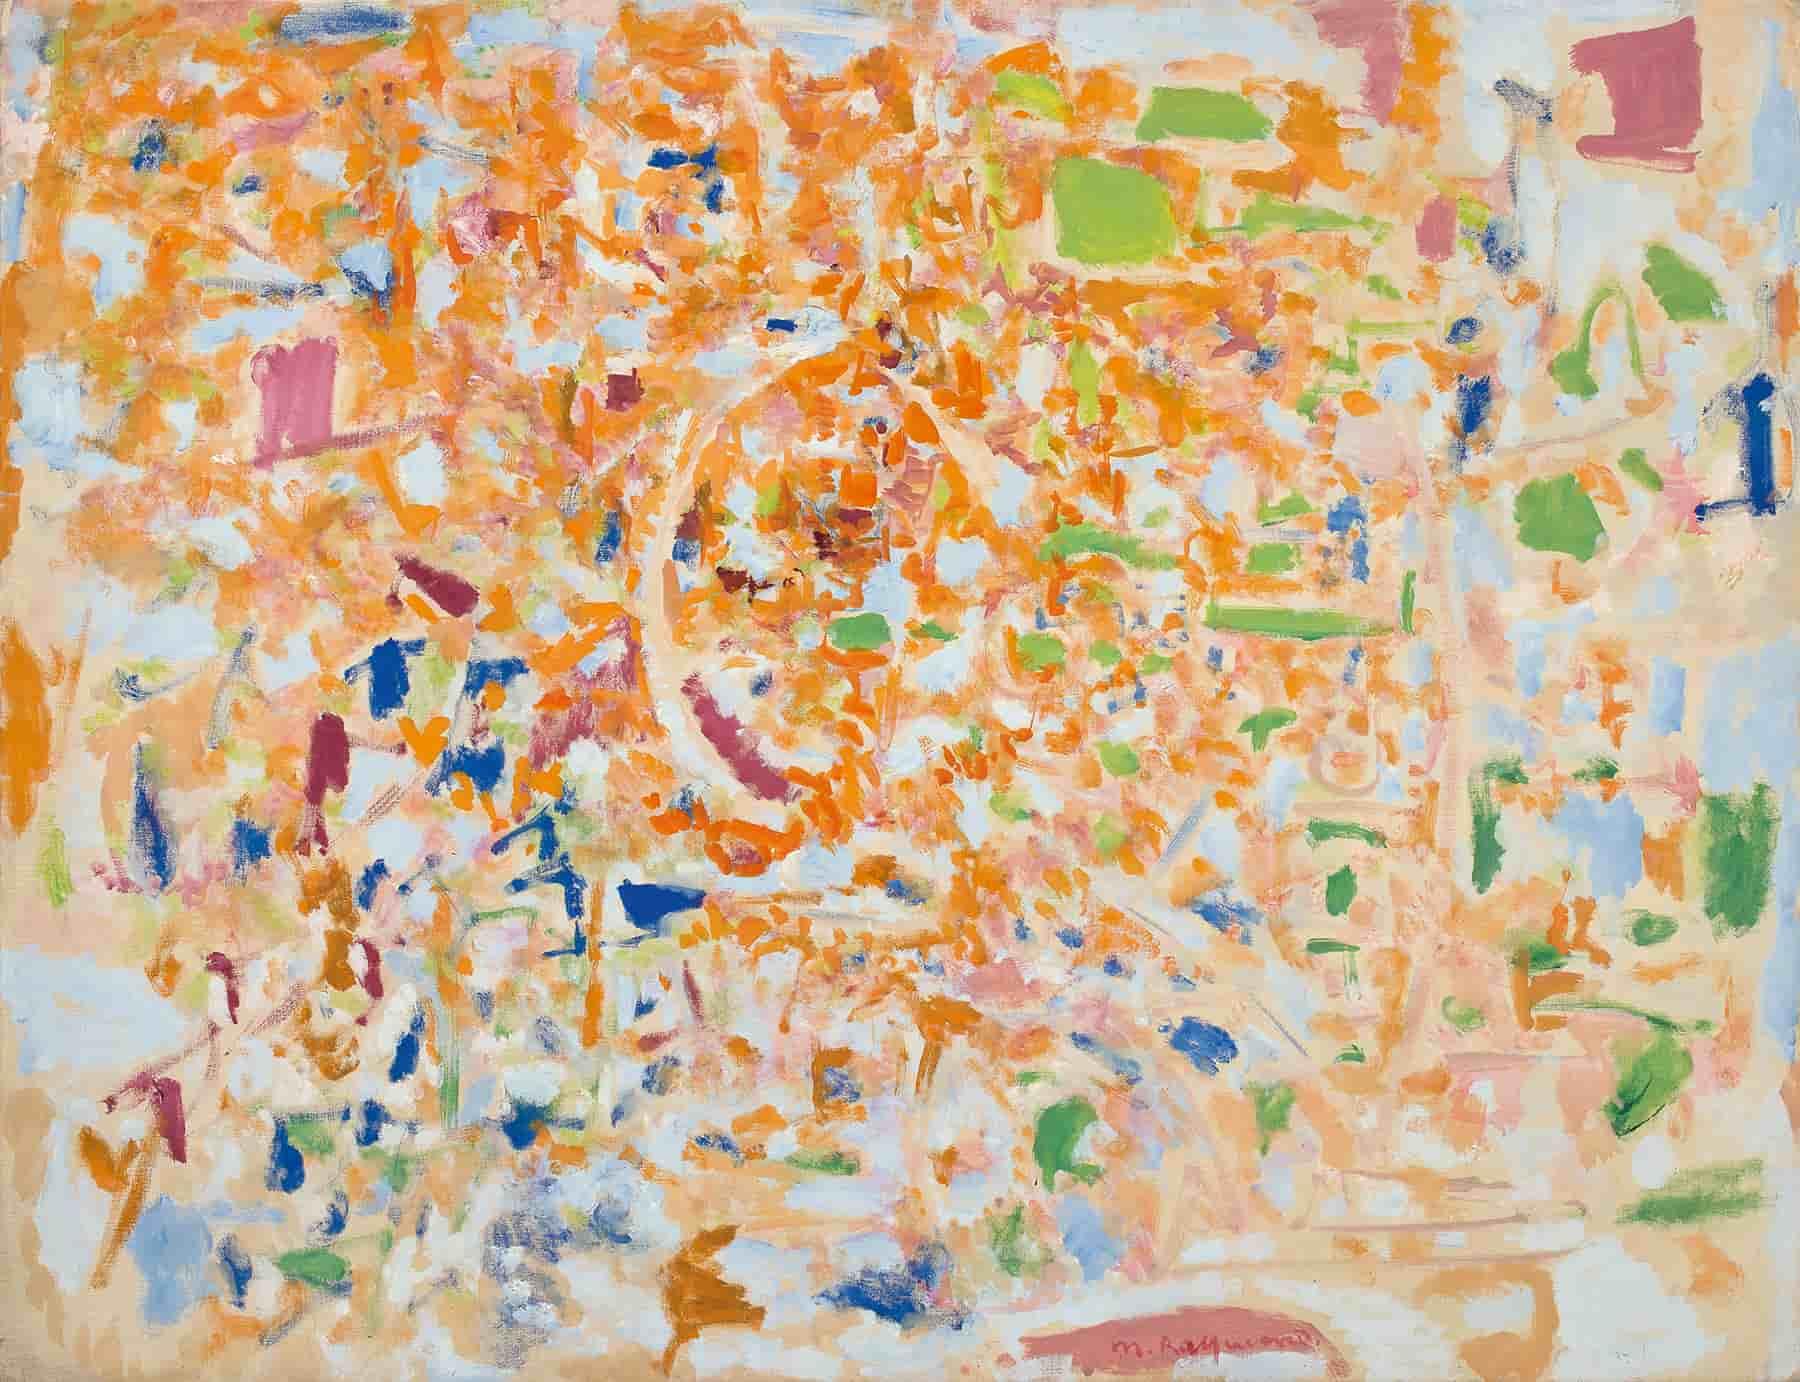 SANS TITRE - UNTITLED, 1963